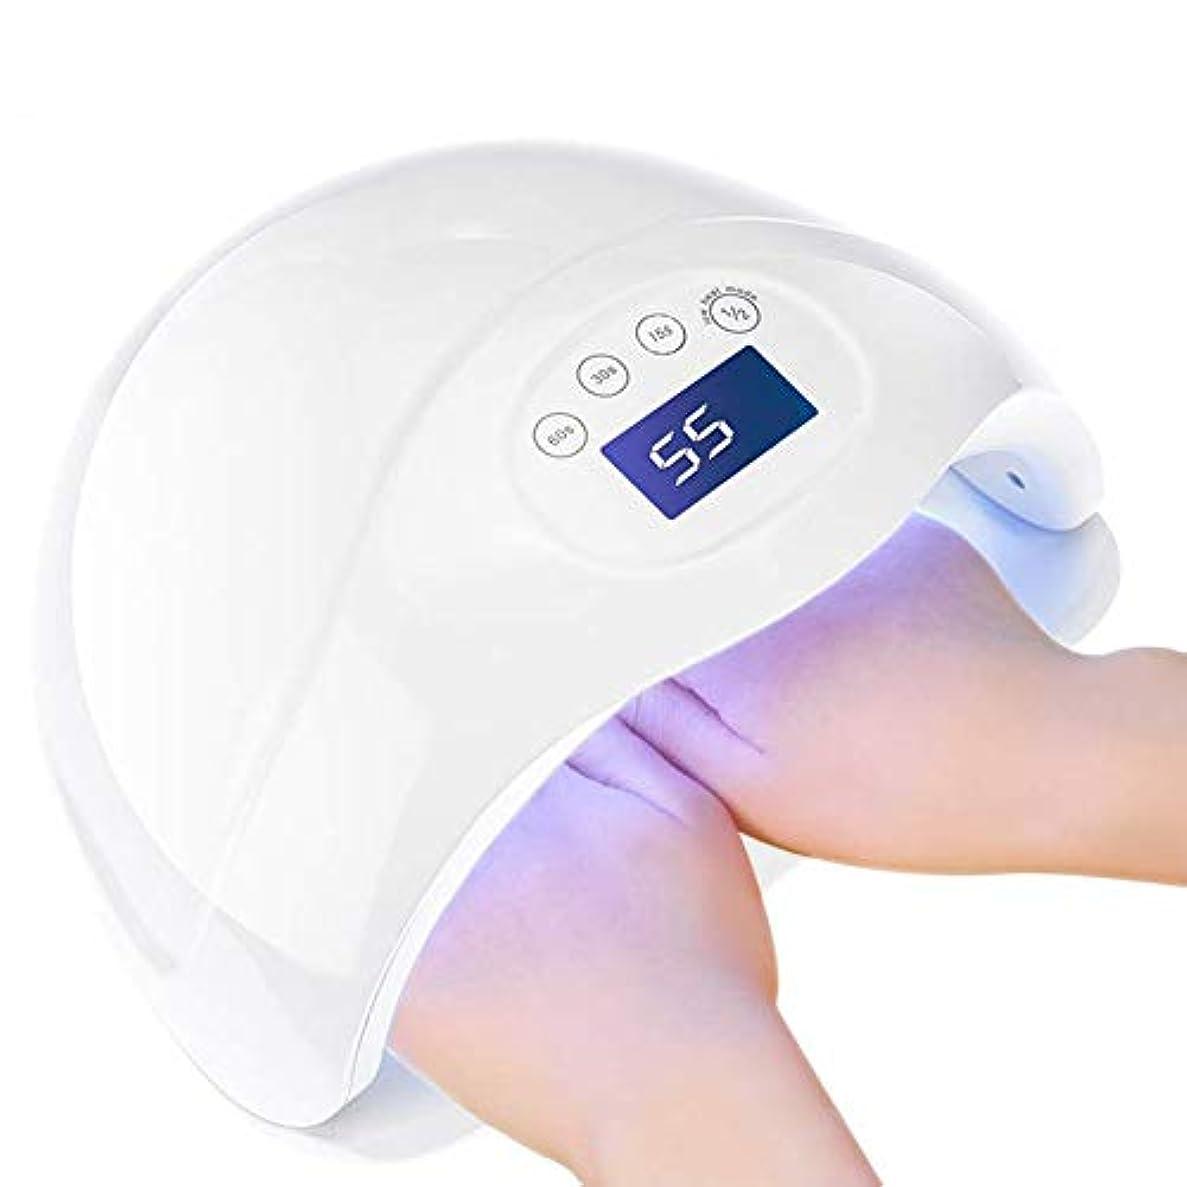 疼痛直立パケットネイルドライヤ 硬化ライト 48W UV LEDライト 高速硬化 自動センサー マニキュア ジ